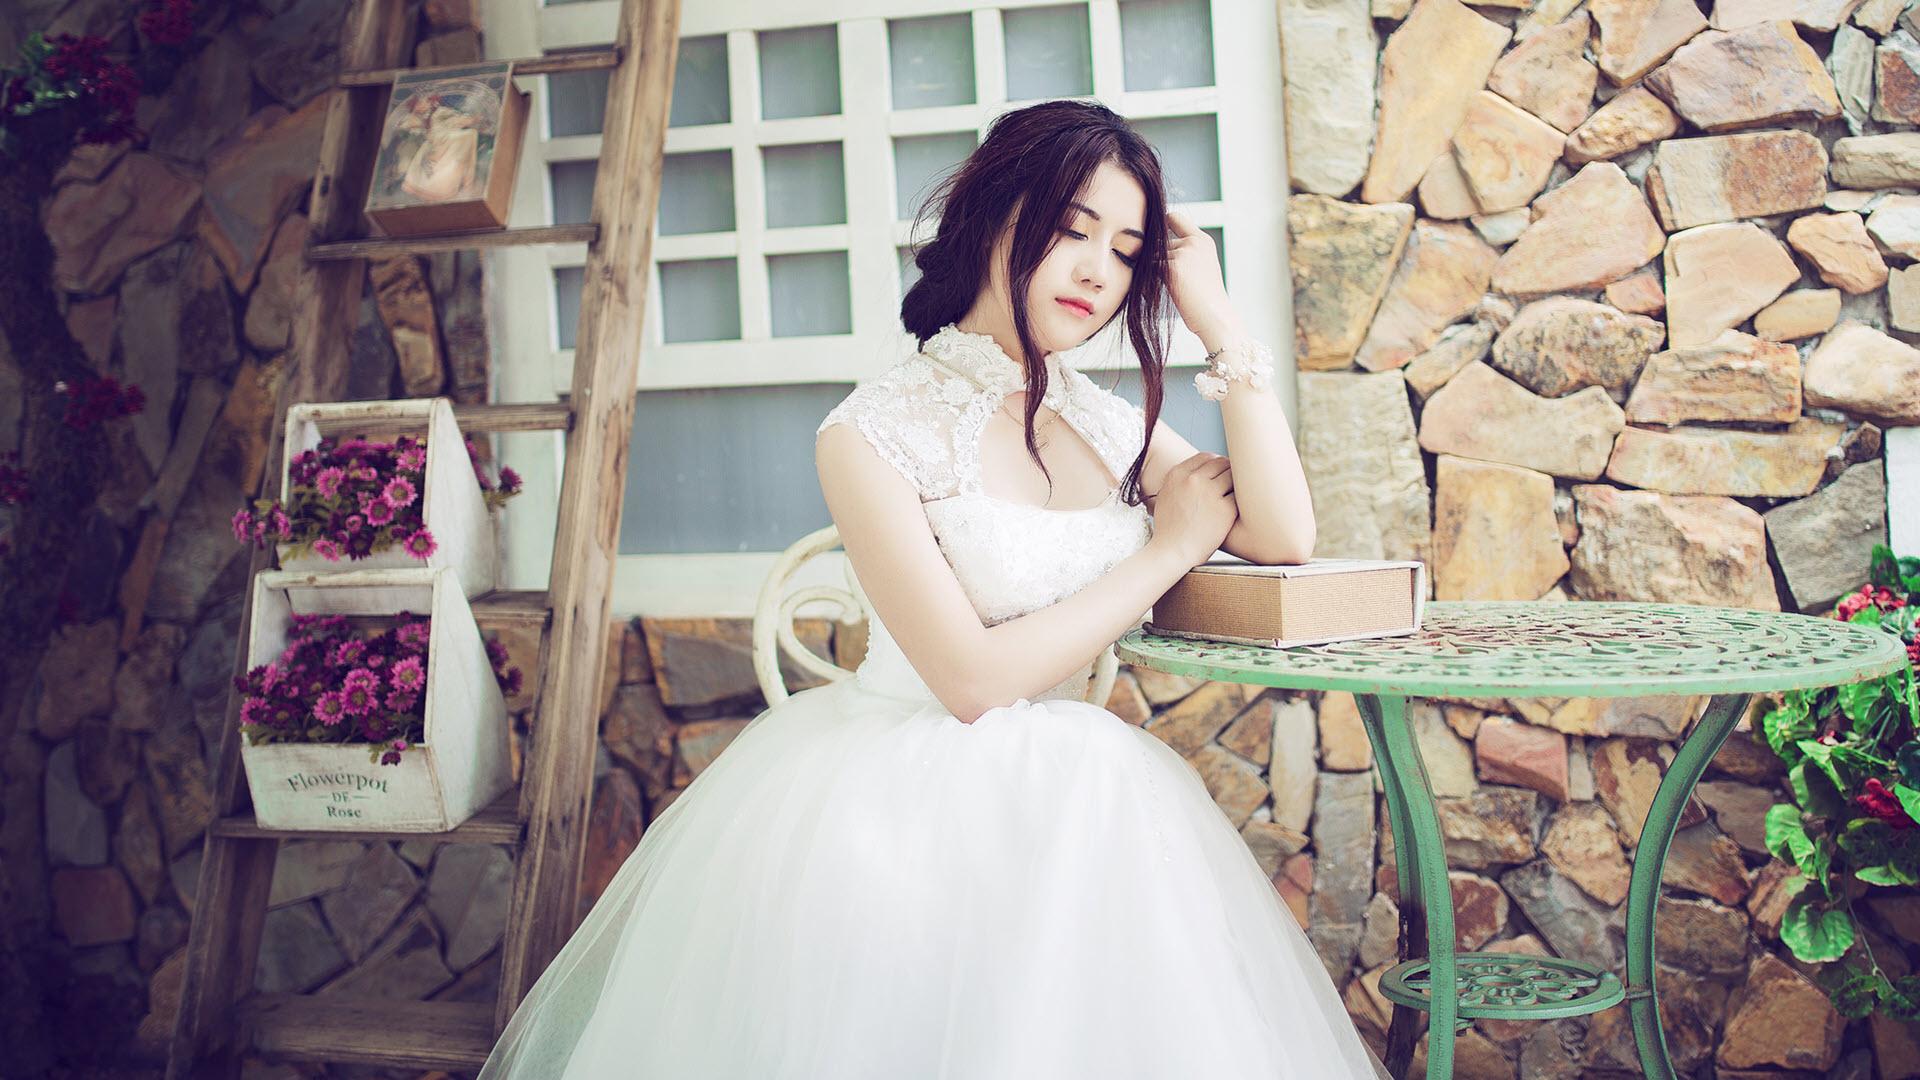 Hình nền hotgirl áo cưới